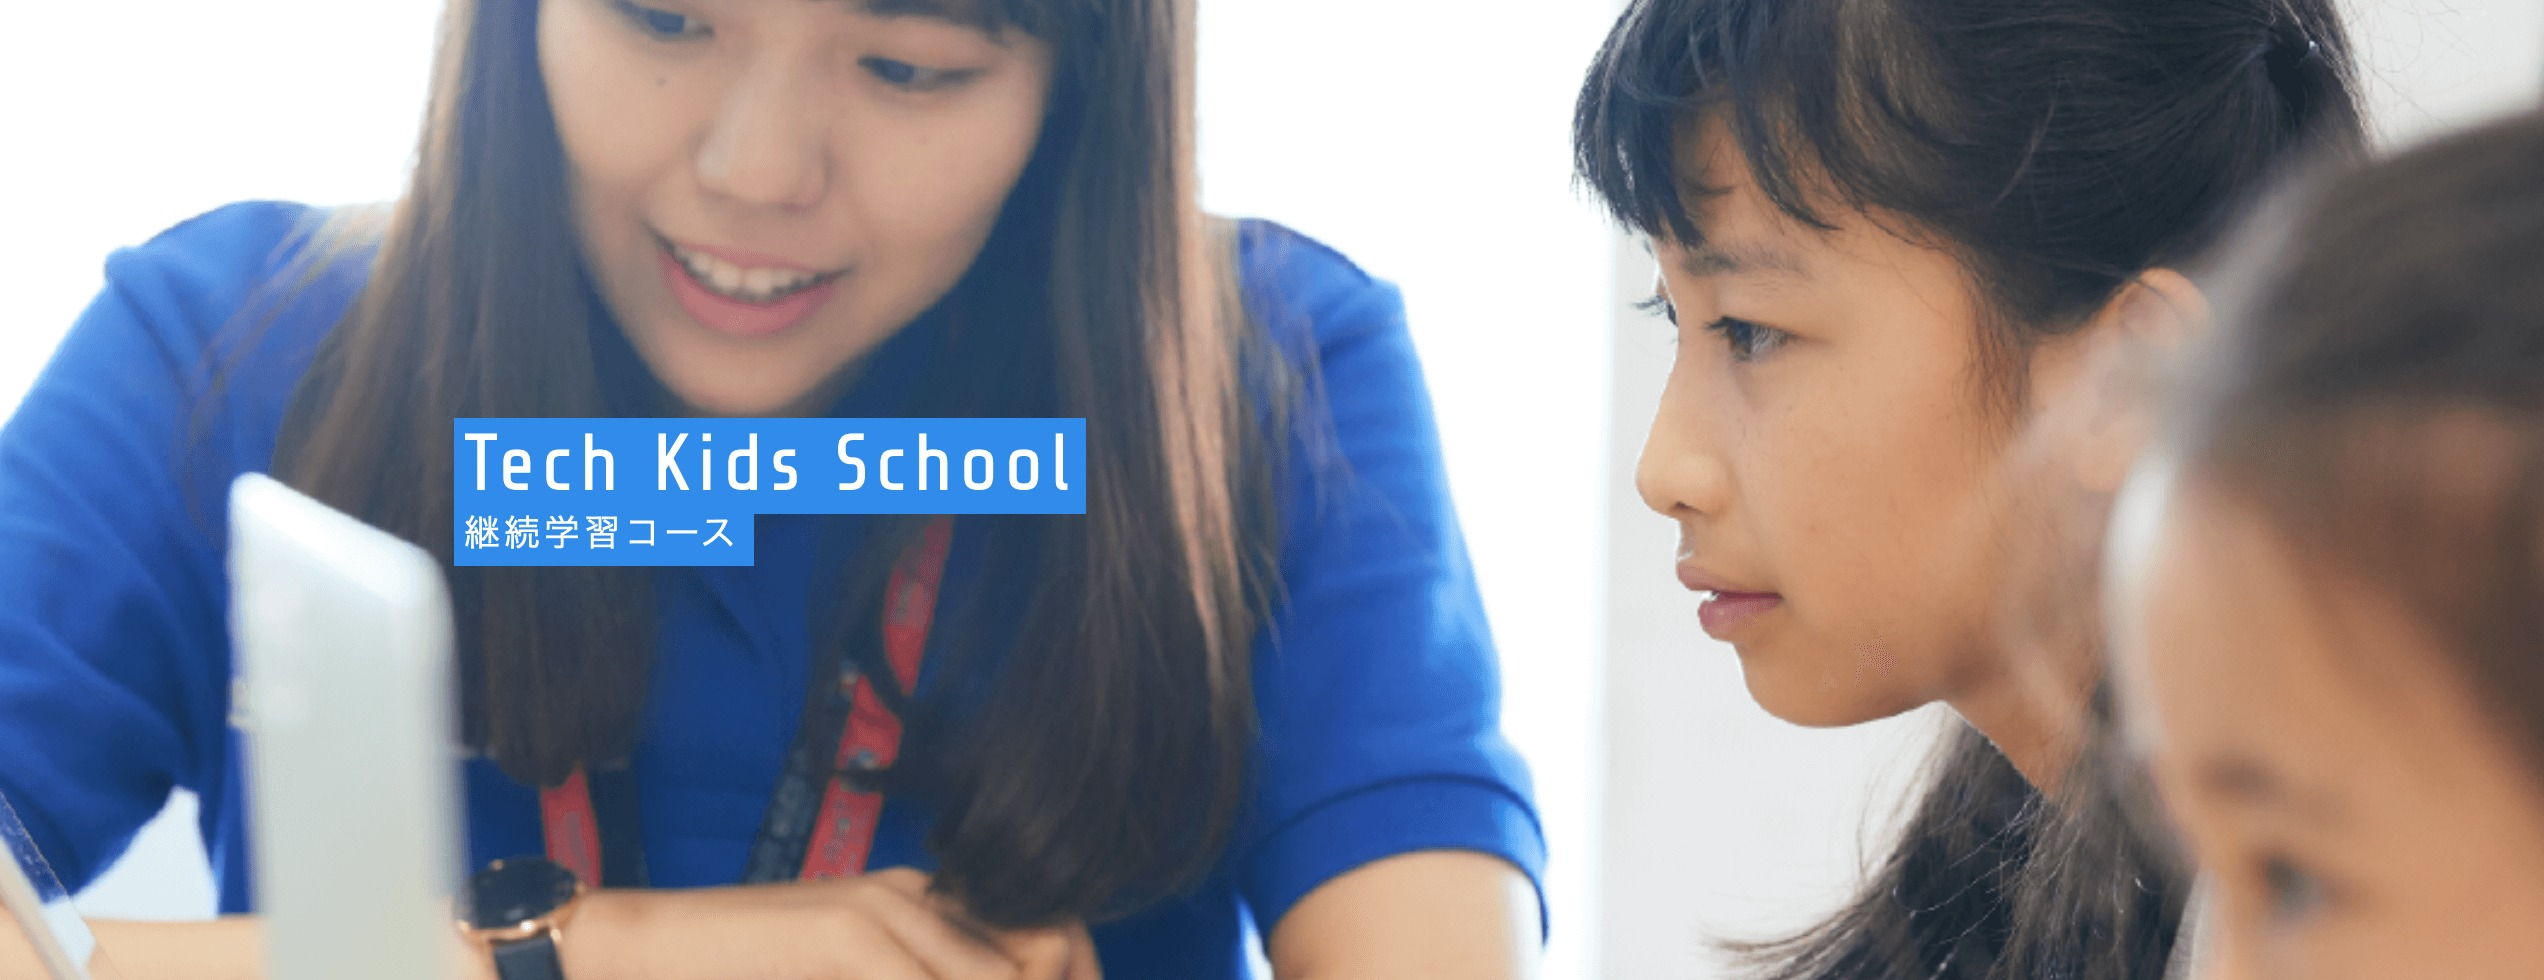 子供の学習に最適なプログラミング教室4選(小学生、中学生、高校生向け)